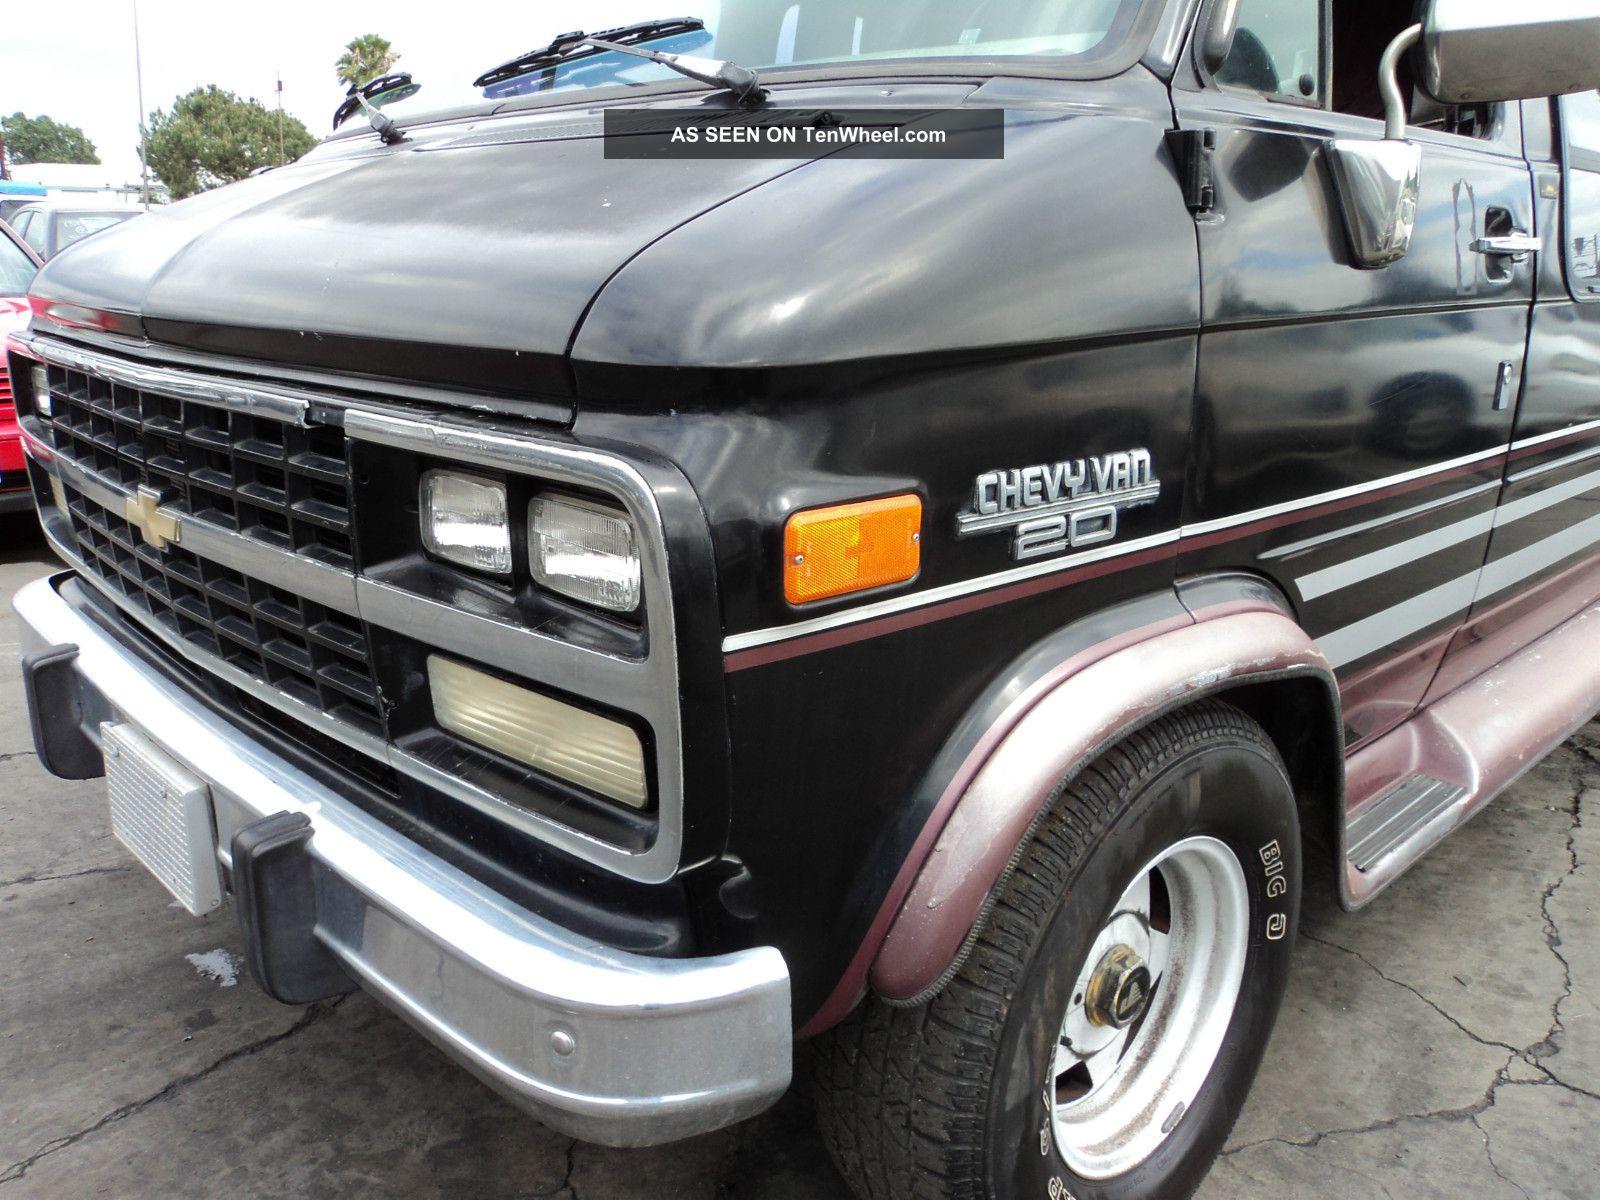 1993 Chevy Van 20,